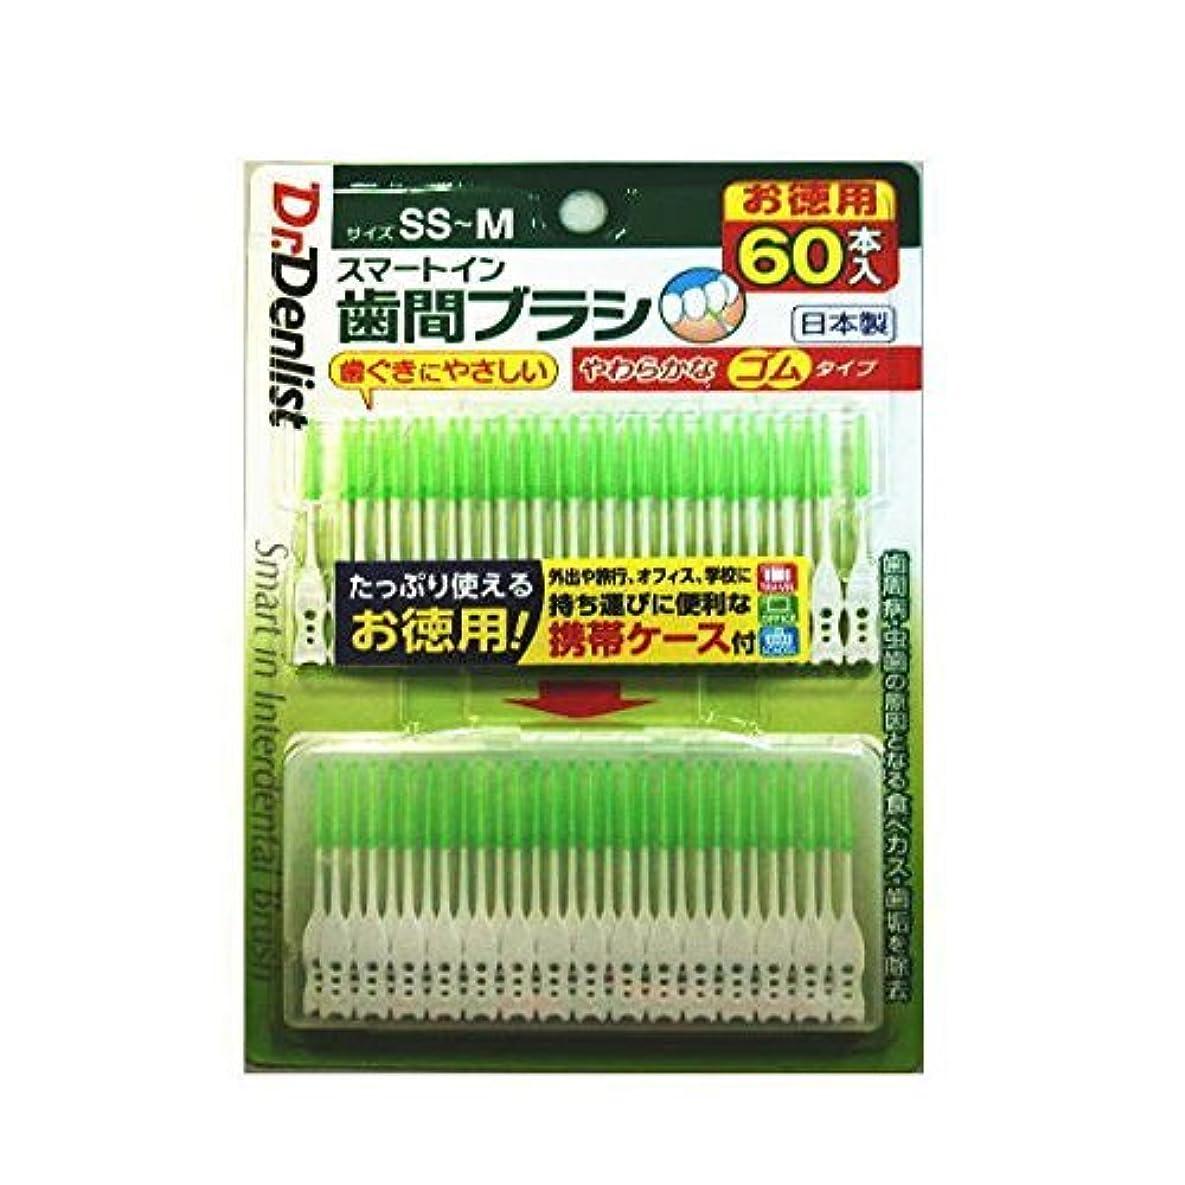 謝る日付発疹歯間ブラシ スマートイン 60本入 お徳用 やわらかなゴムタイプ